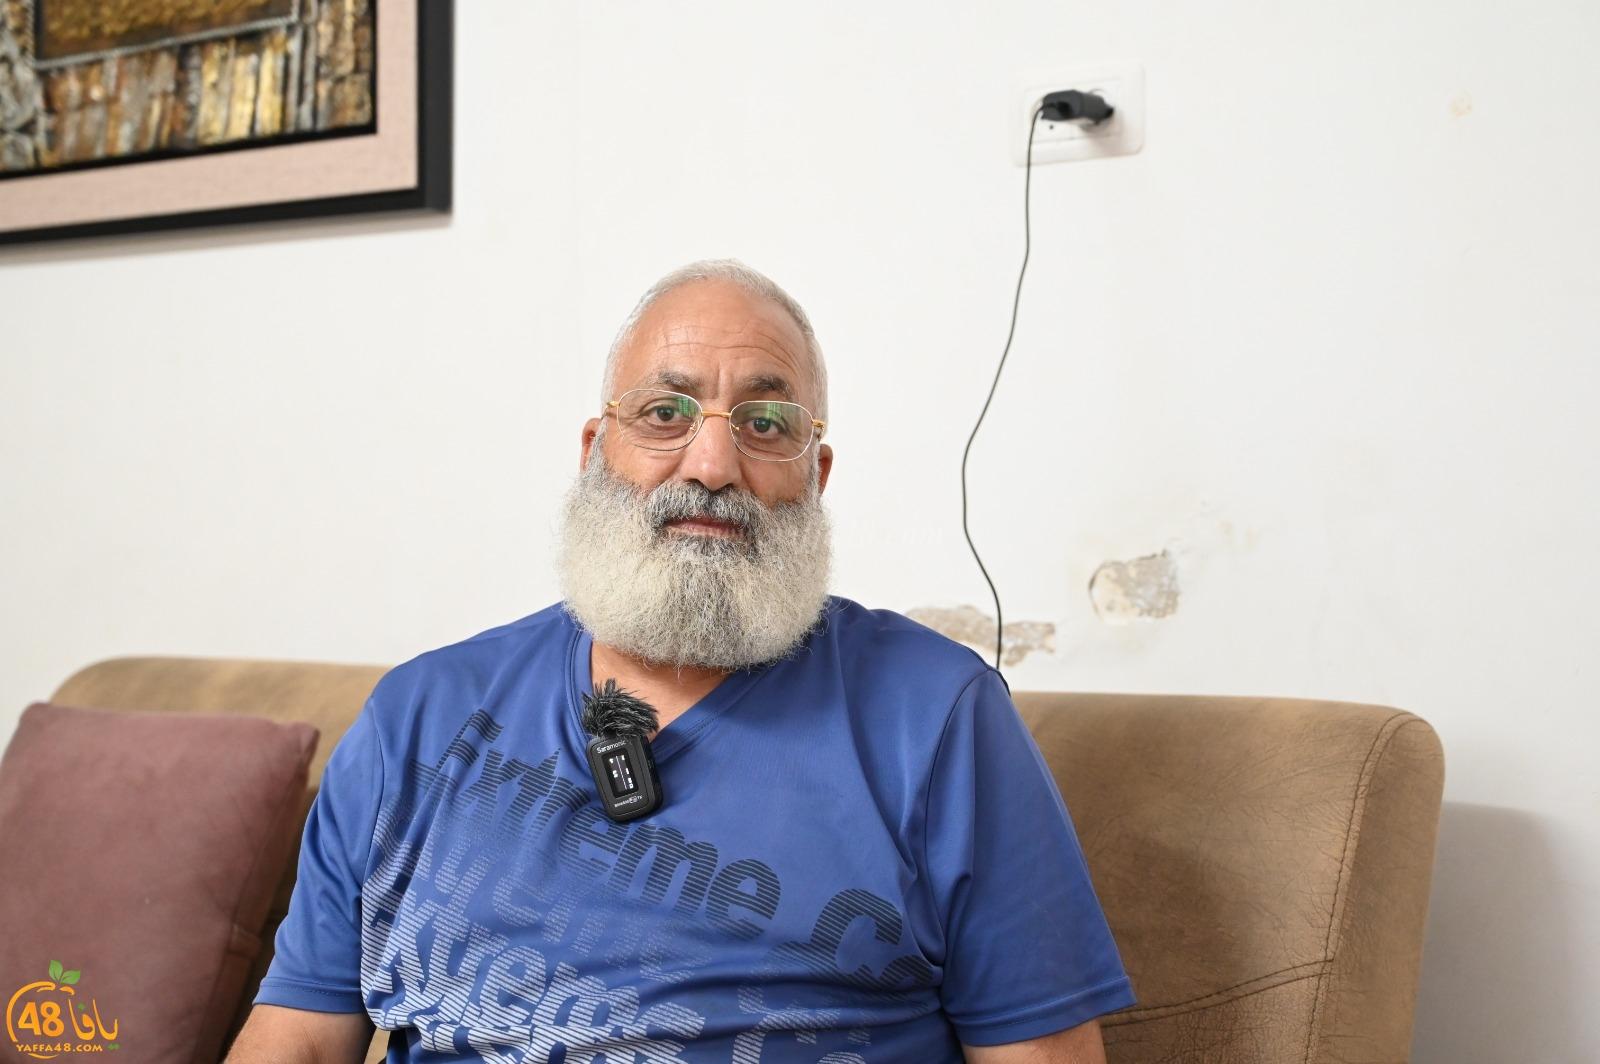 فيديو: صرخة يُطلقها والد الشهيد موسى حسونة أناشدكم بالوقوف الى جانبنا